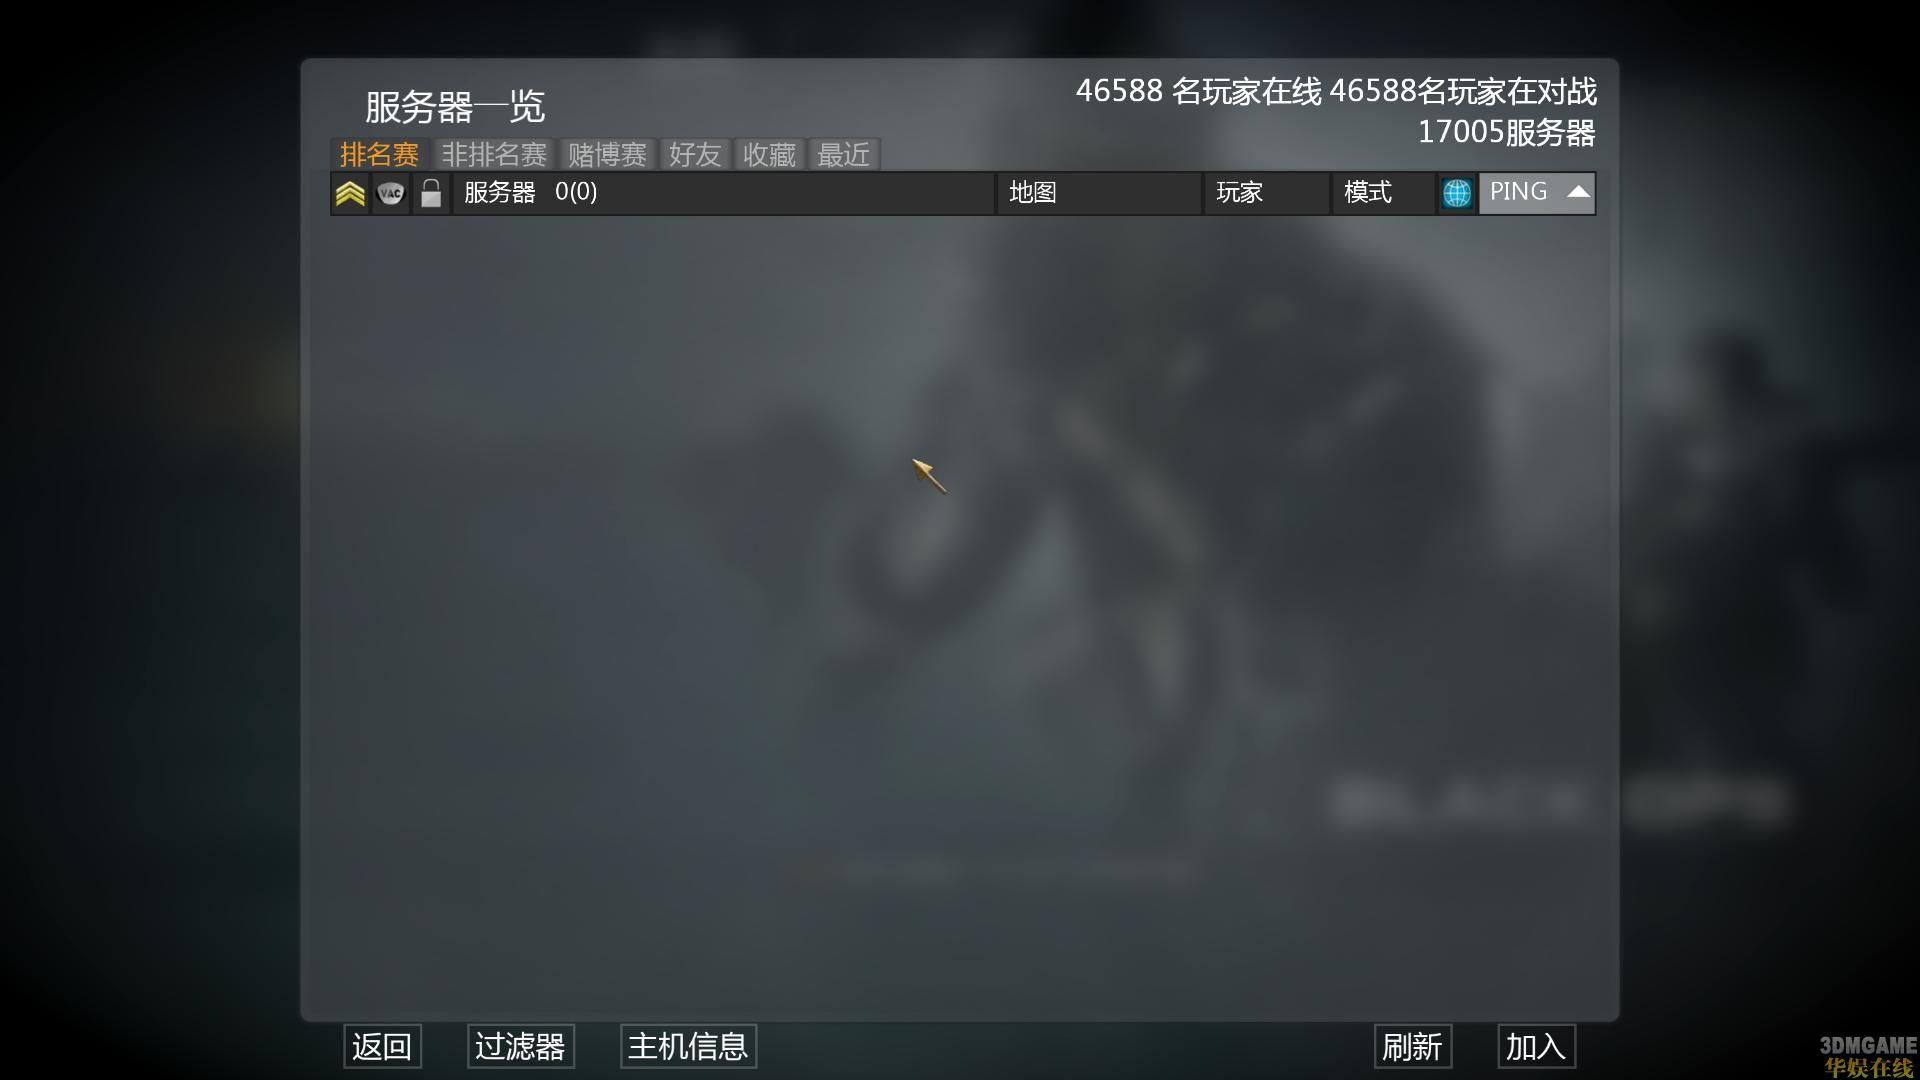 《使命召唤7:黑色行动(Call of Duty: Black Ops)》